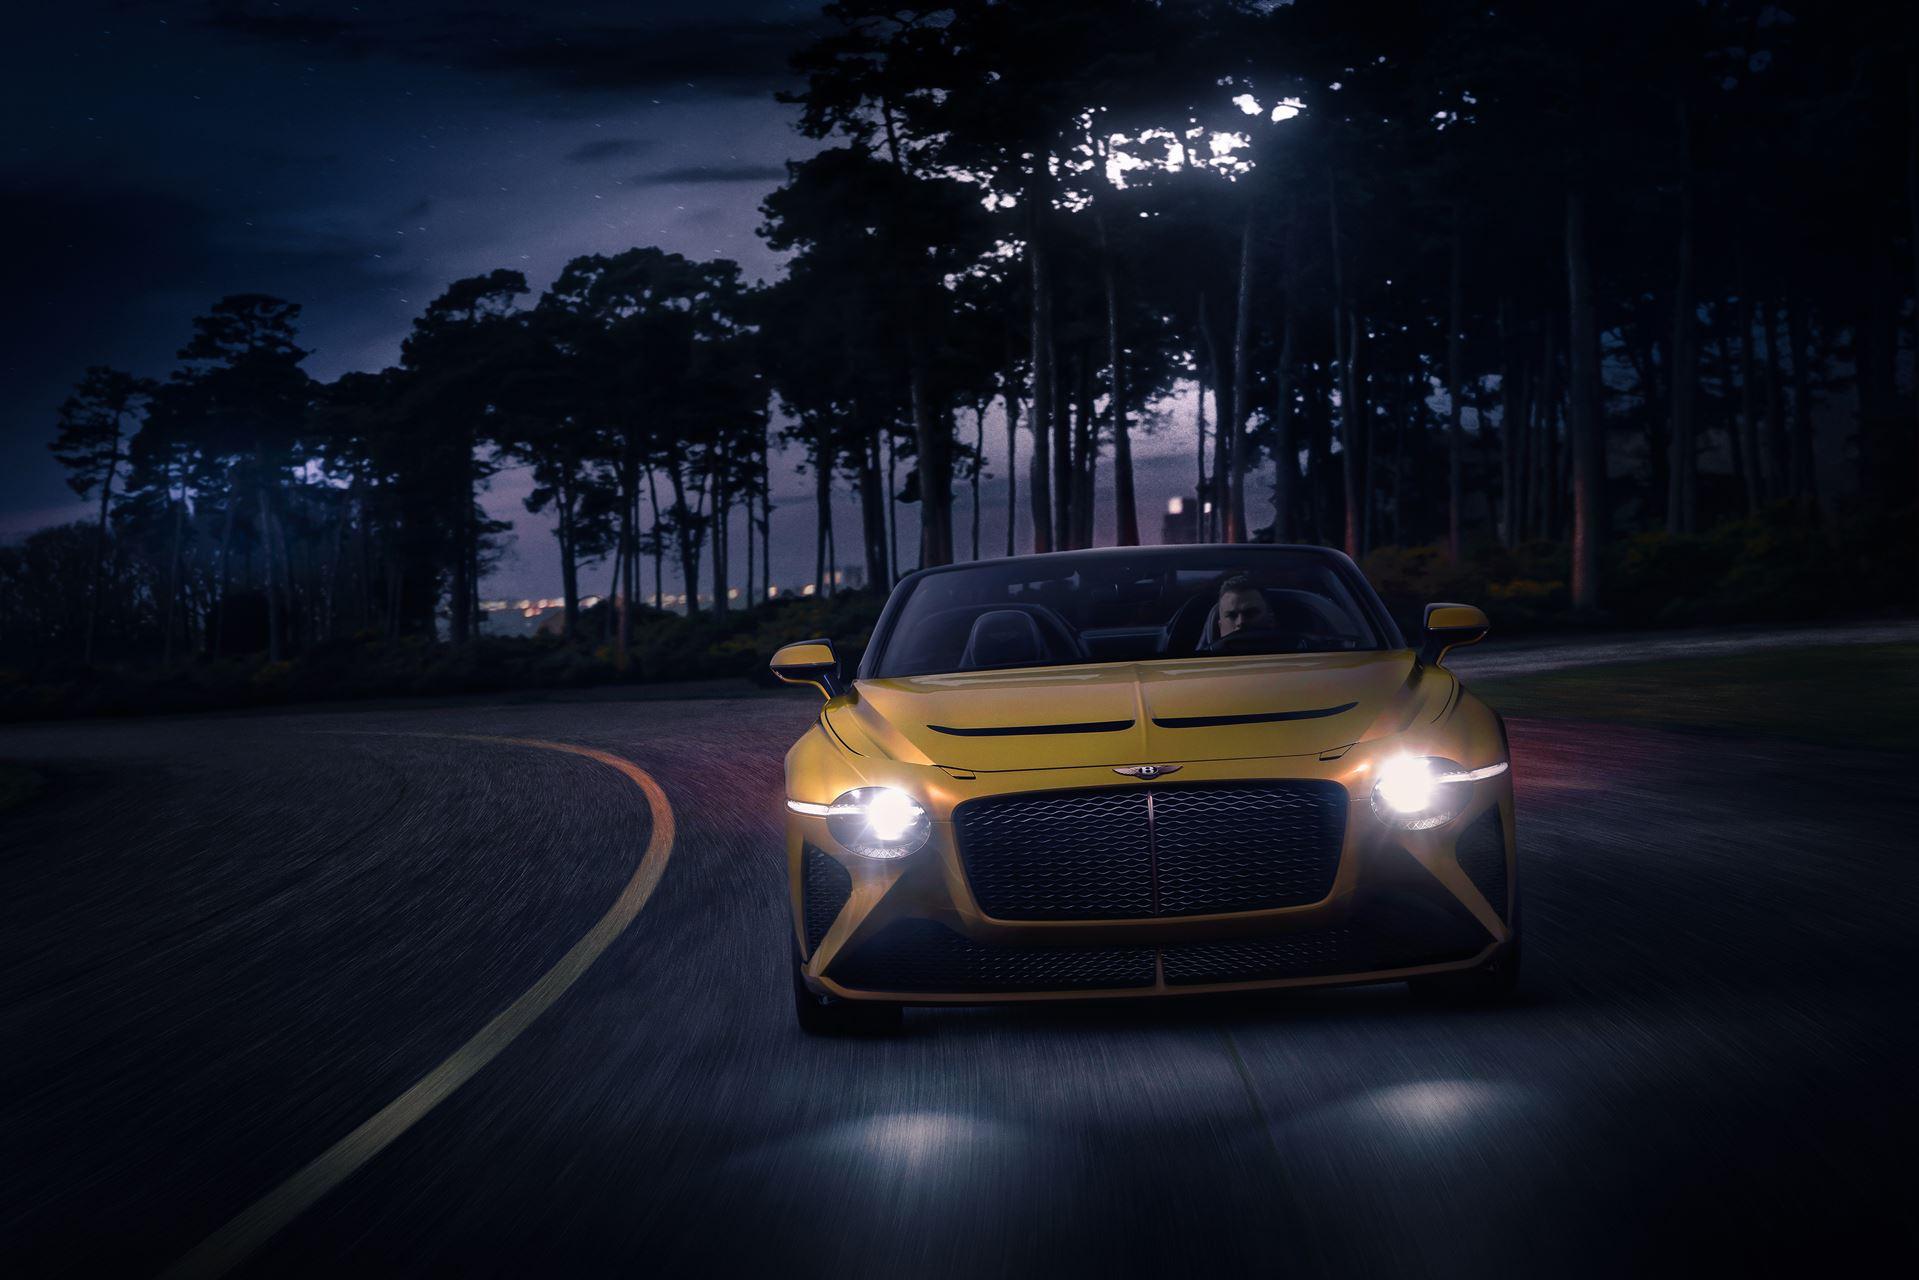 Bentley Criou Car Zero Para O Programa De Testes Do Mulliner Bacalar Serao Construidas Artesanalmente 12 Unidades Ja Vendidas Auto News Mercado Automovel E Novidades Auto News